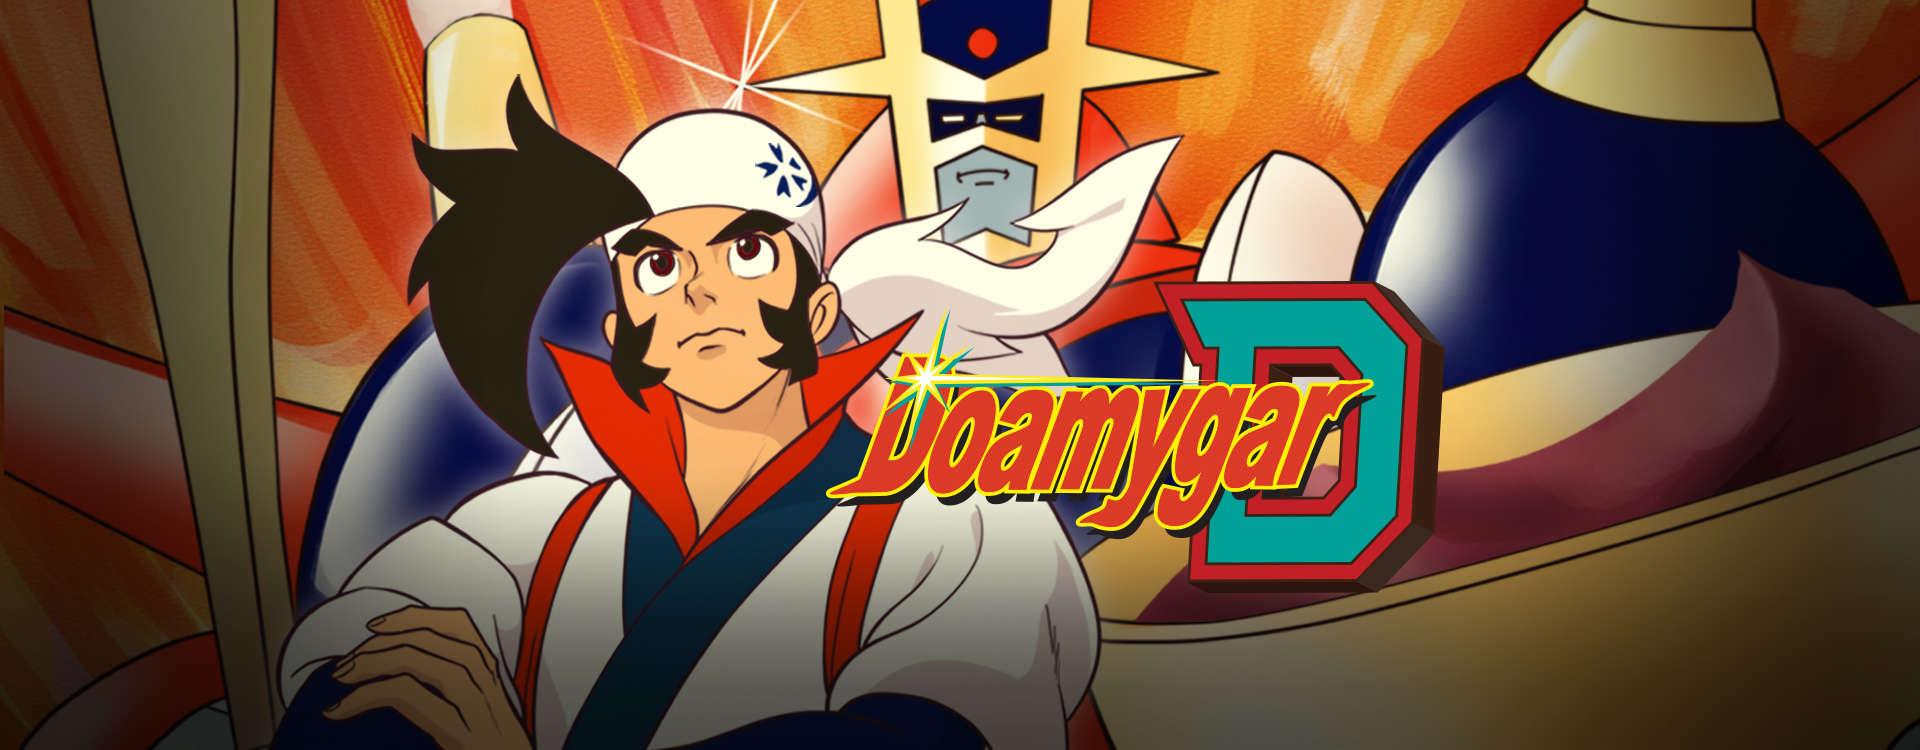 Doamayger-D